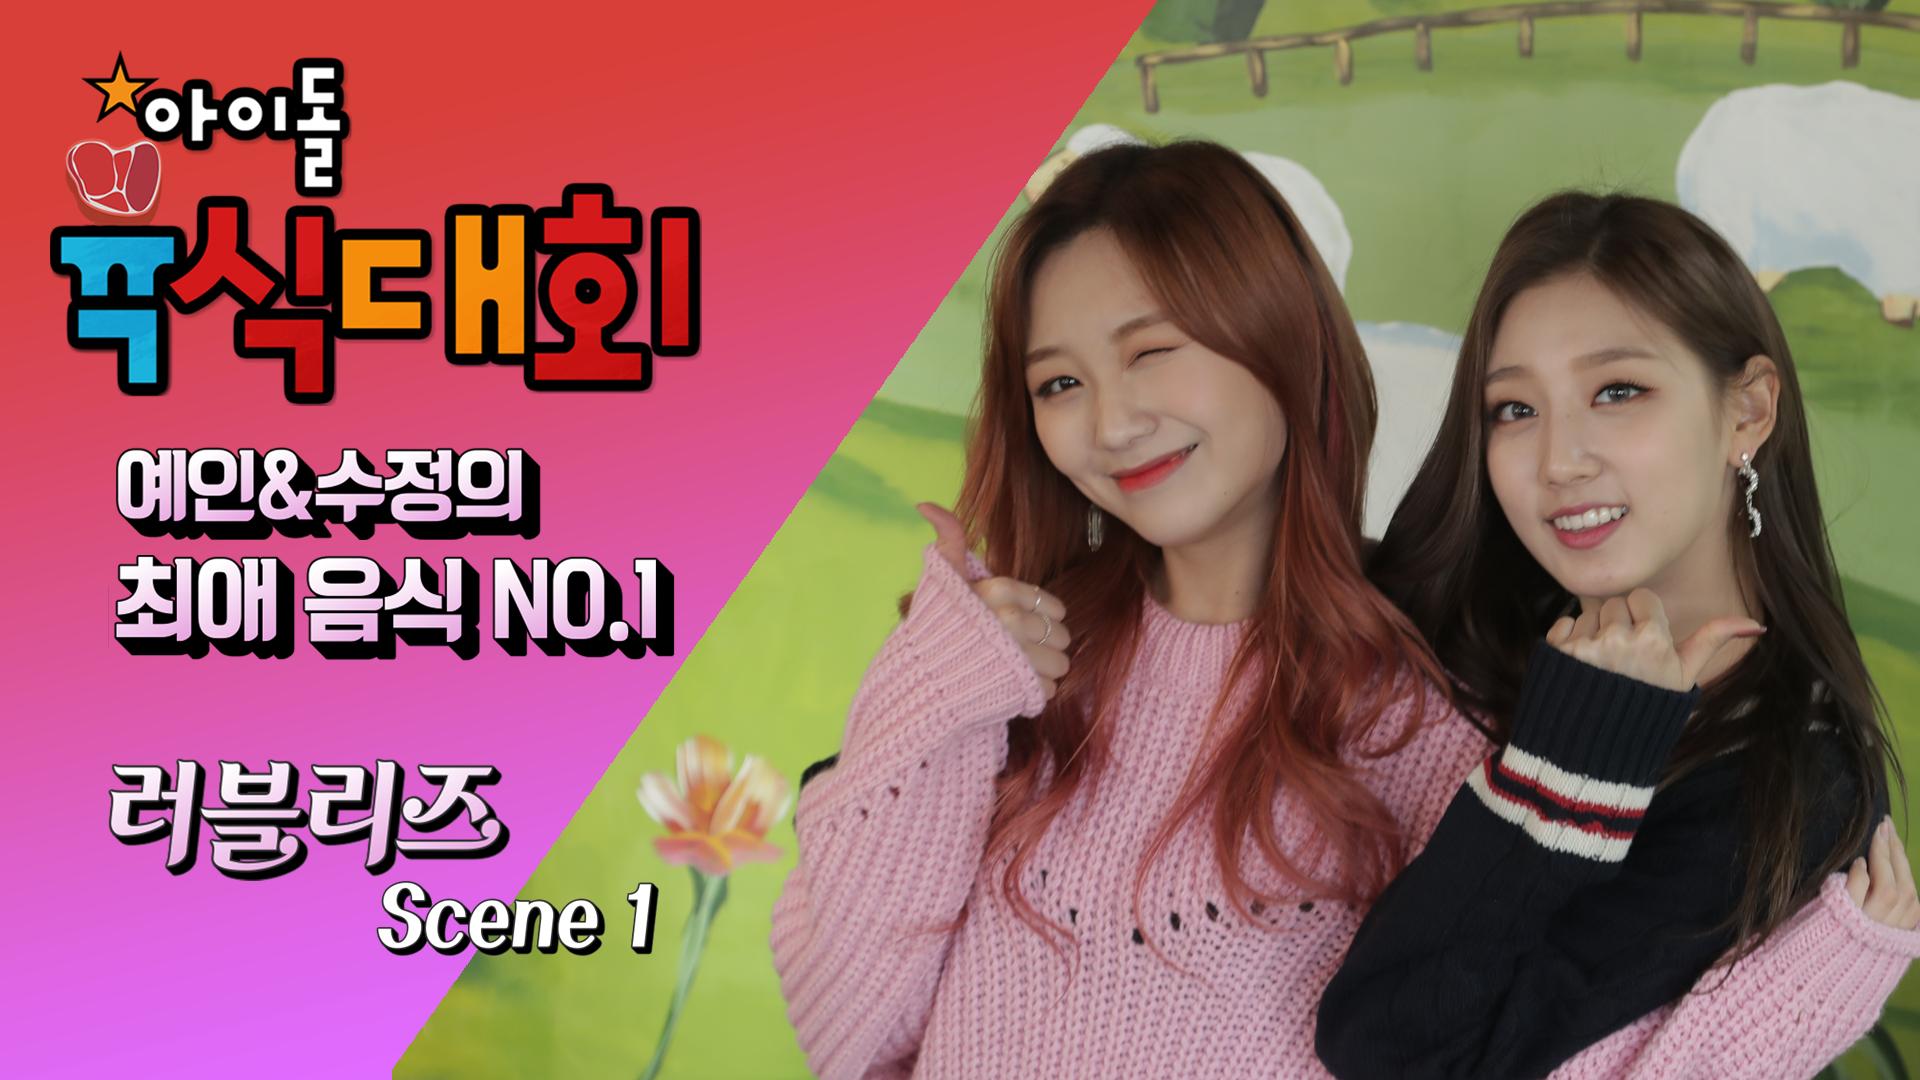 [아육대] 두 소녀의 마음을 빼앗은 NO.1 최애음식!? 러블리즈 편